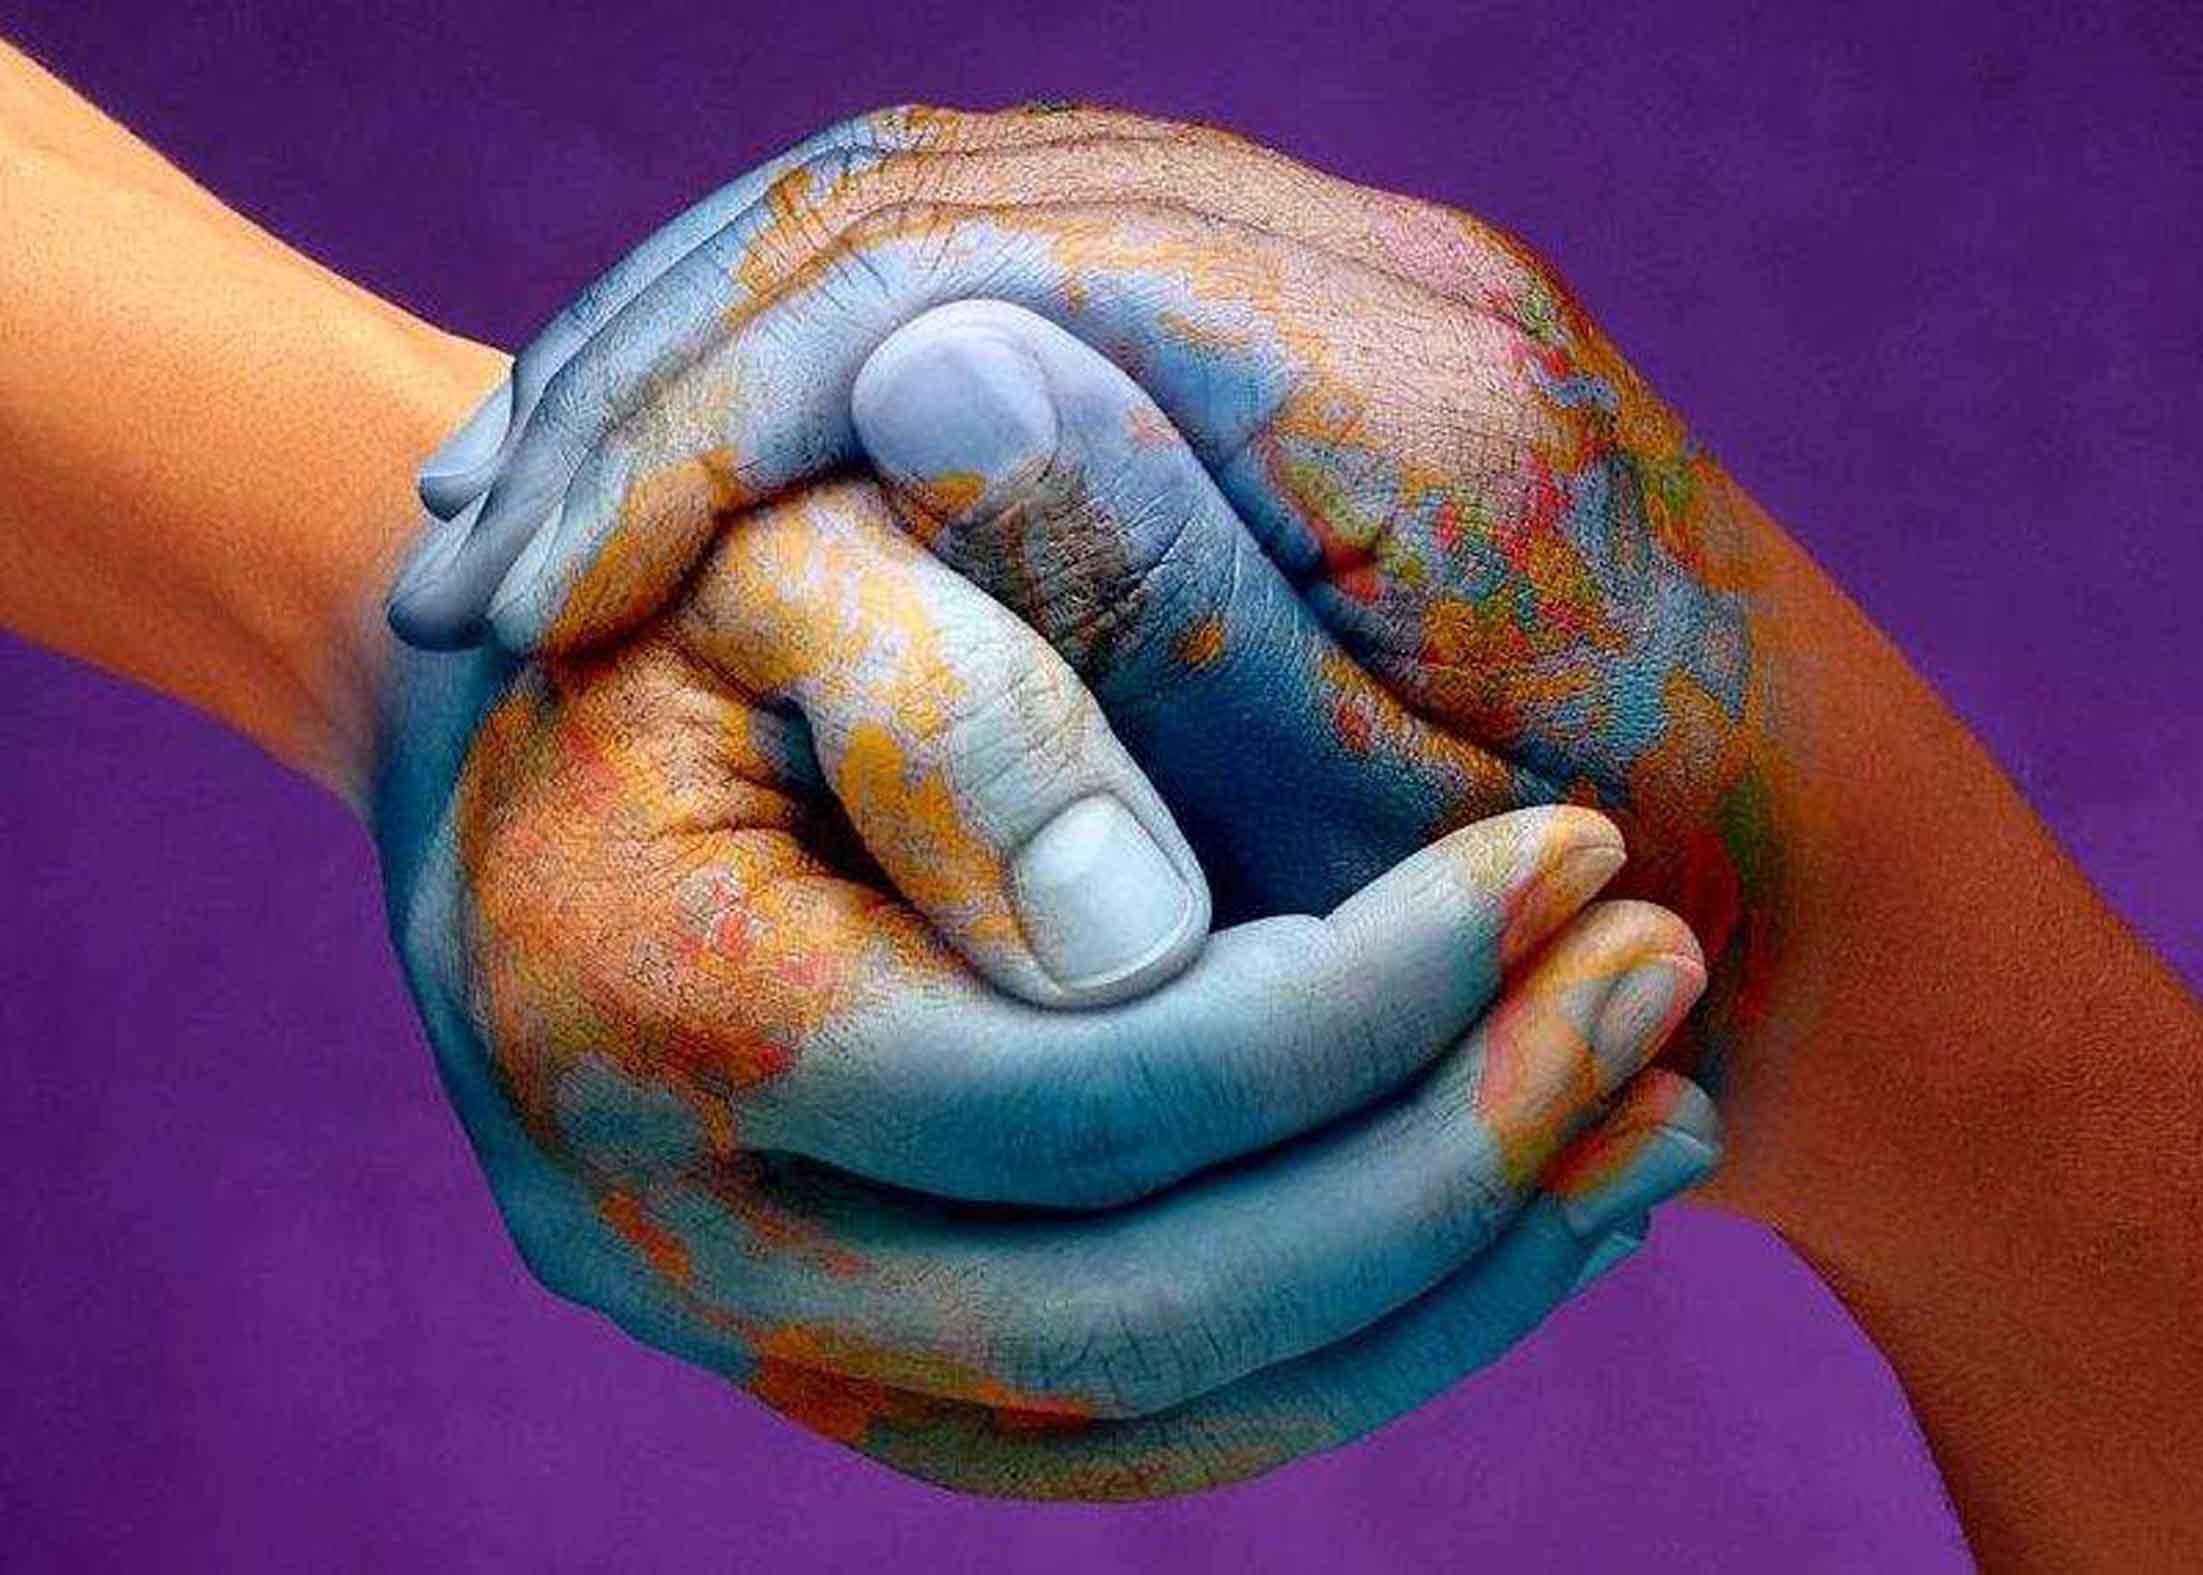 https://maessage.wordpress.com • 2 mains en forme de globe terrestre • peinture digitale créée pour la compagnie d'assurances polonaise Warta S.A. • projet Dawidzinski • 1999 • de mac_filko, graphiste polonais